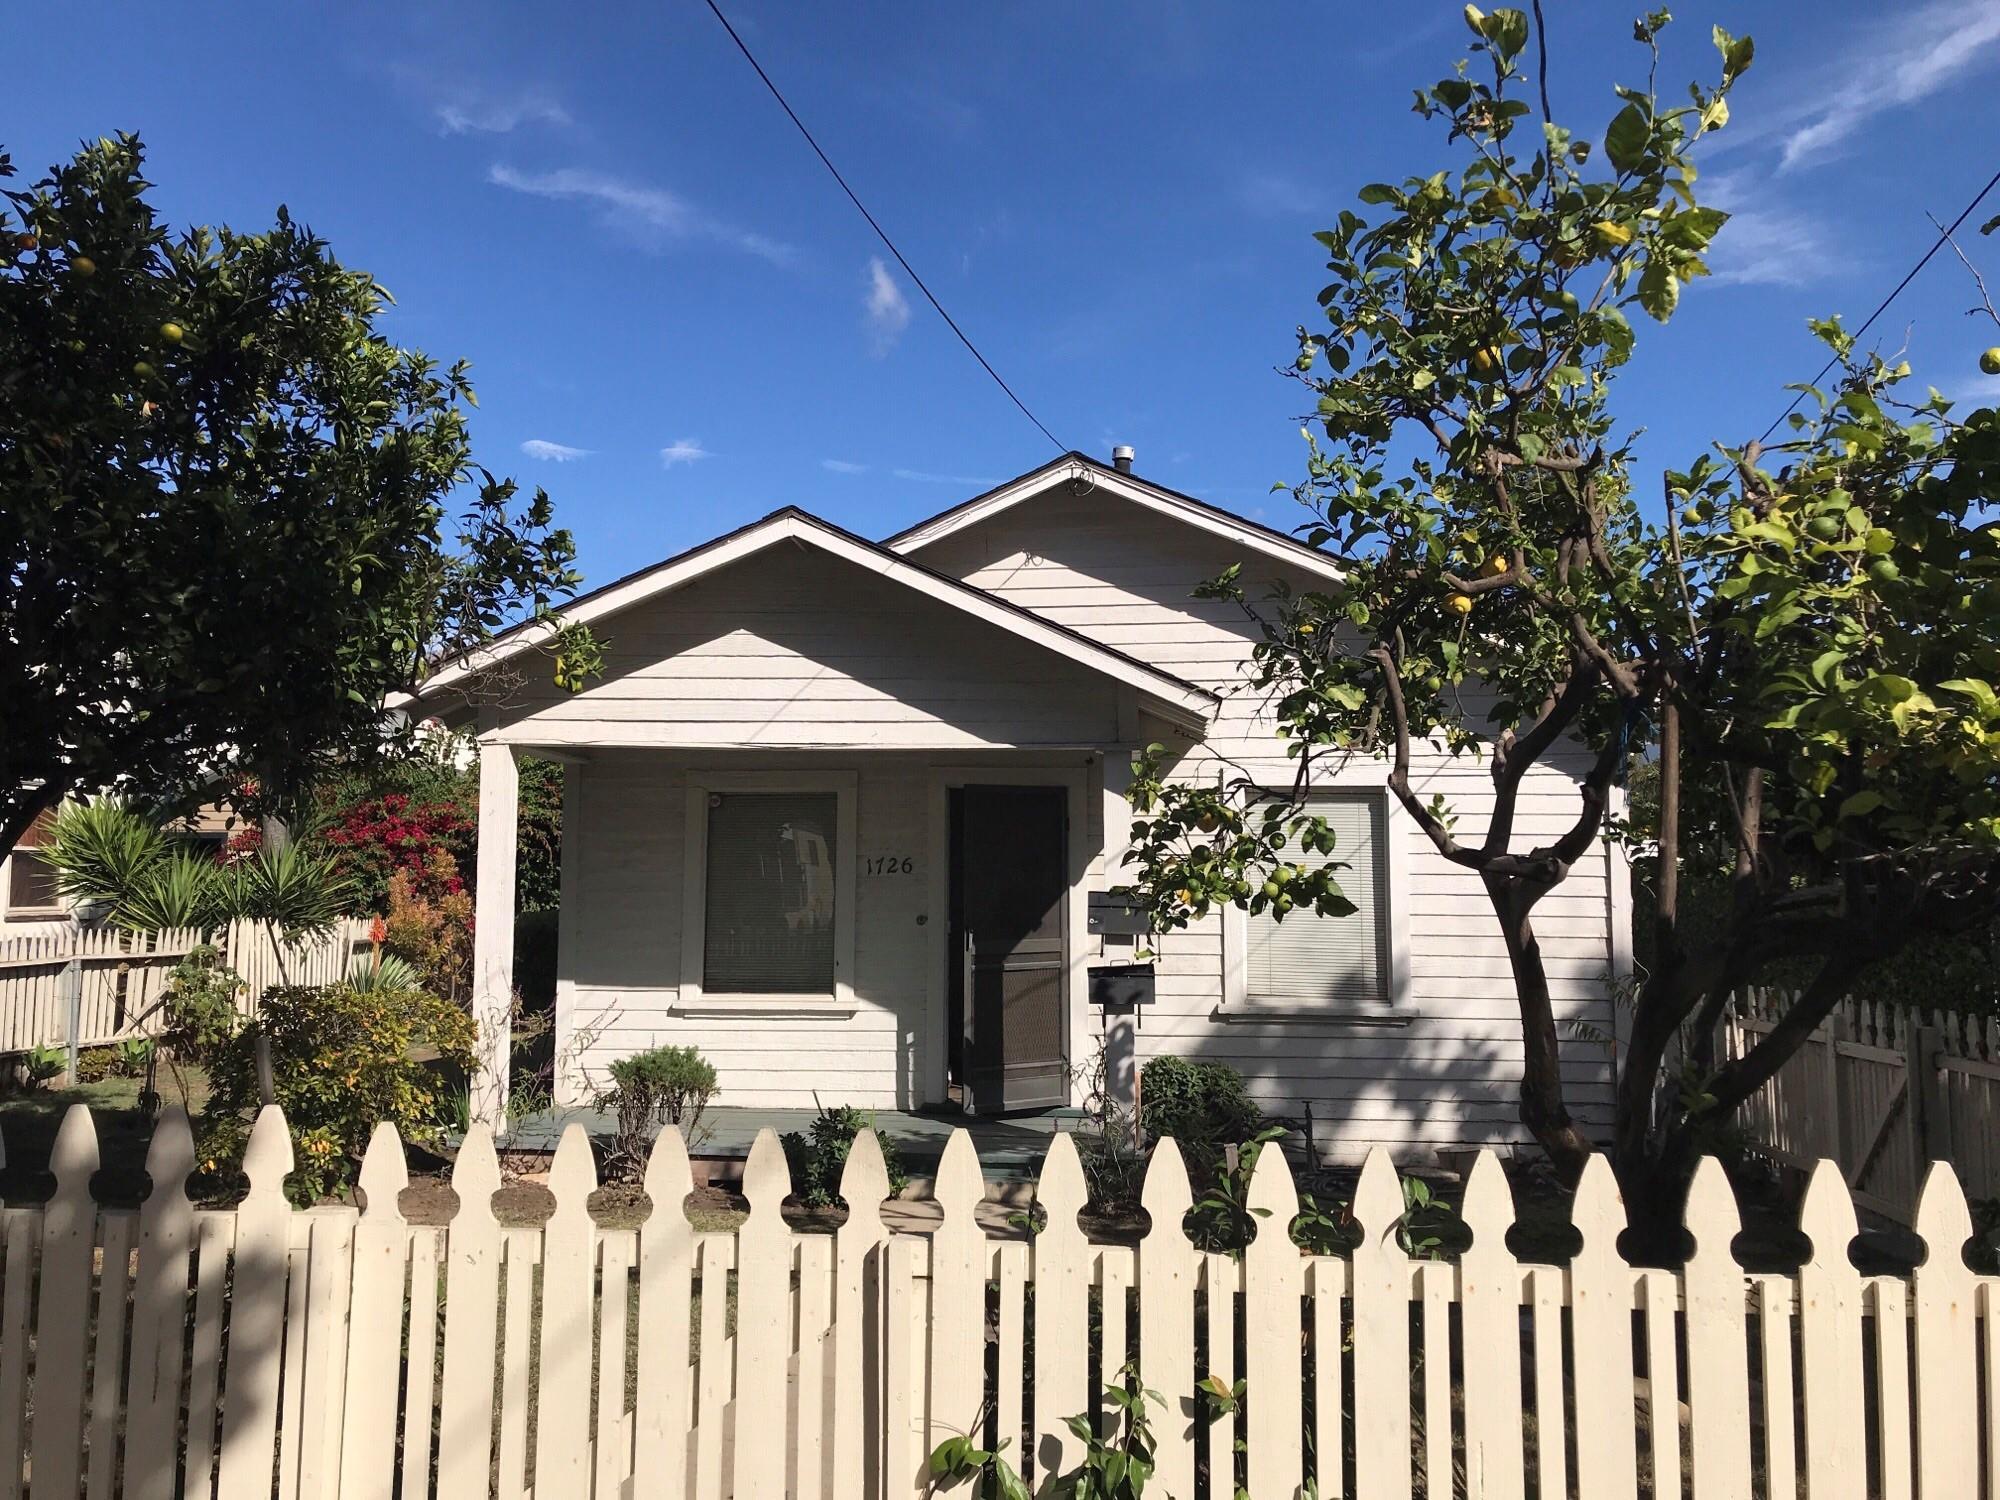 Property photo for 1726 San Andres St Santa Barbara, California 93101 - 17-3805